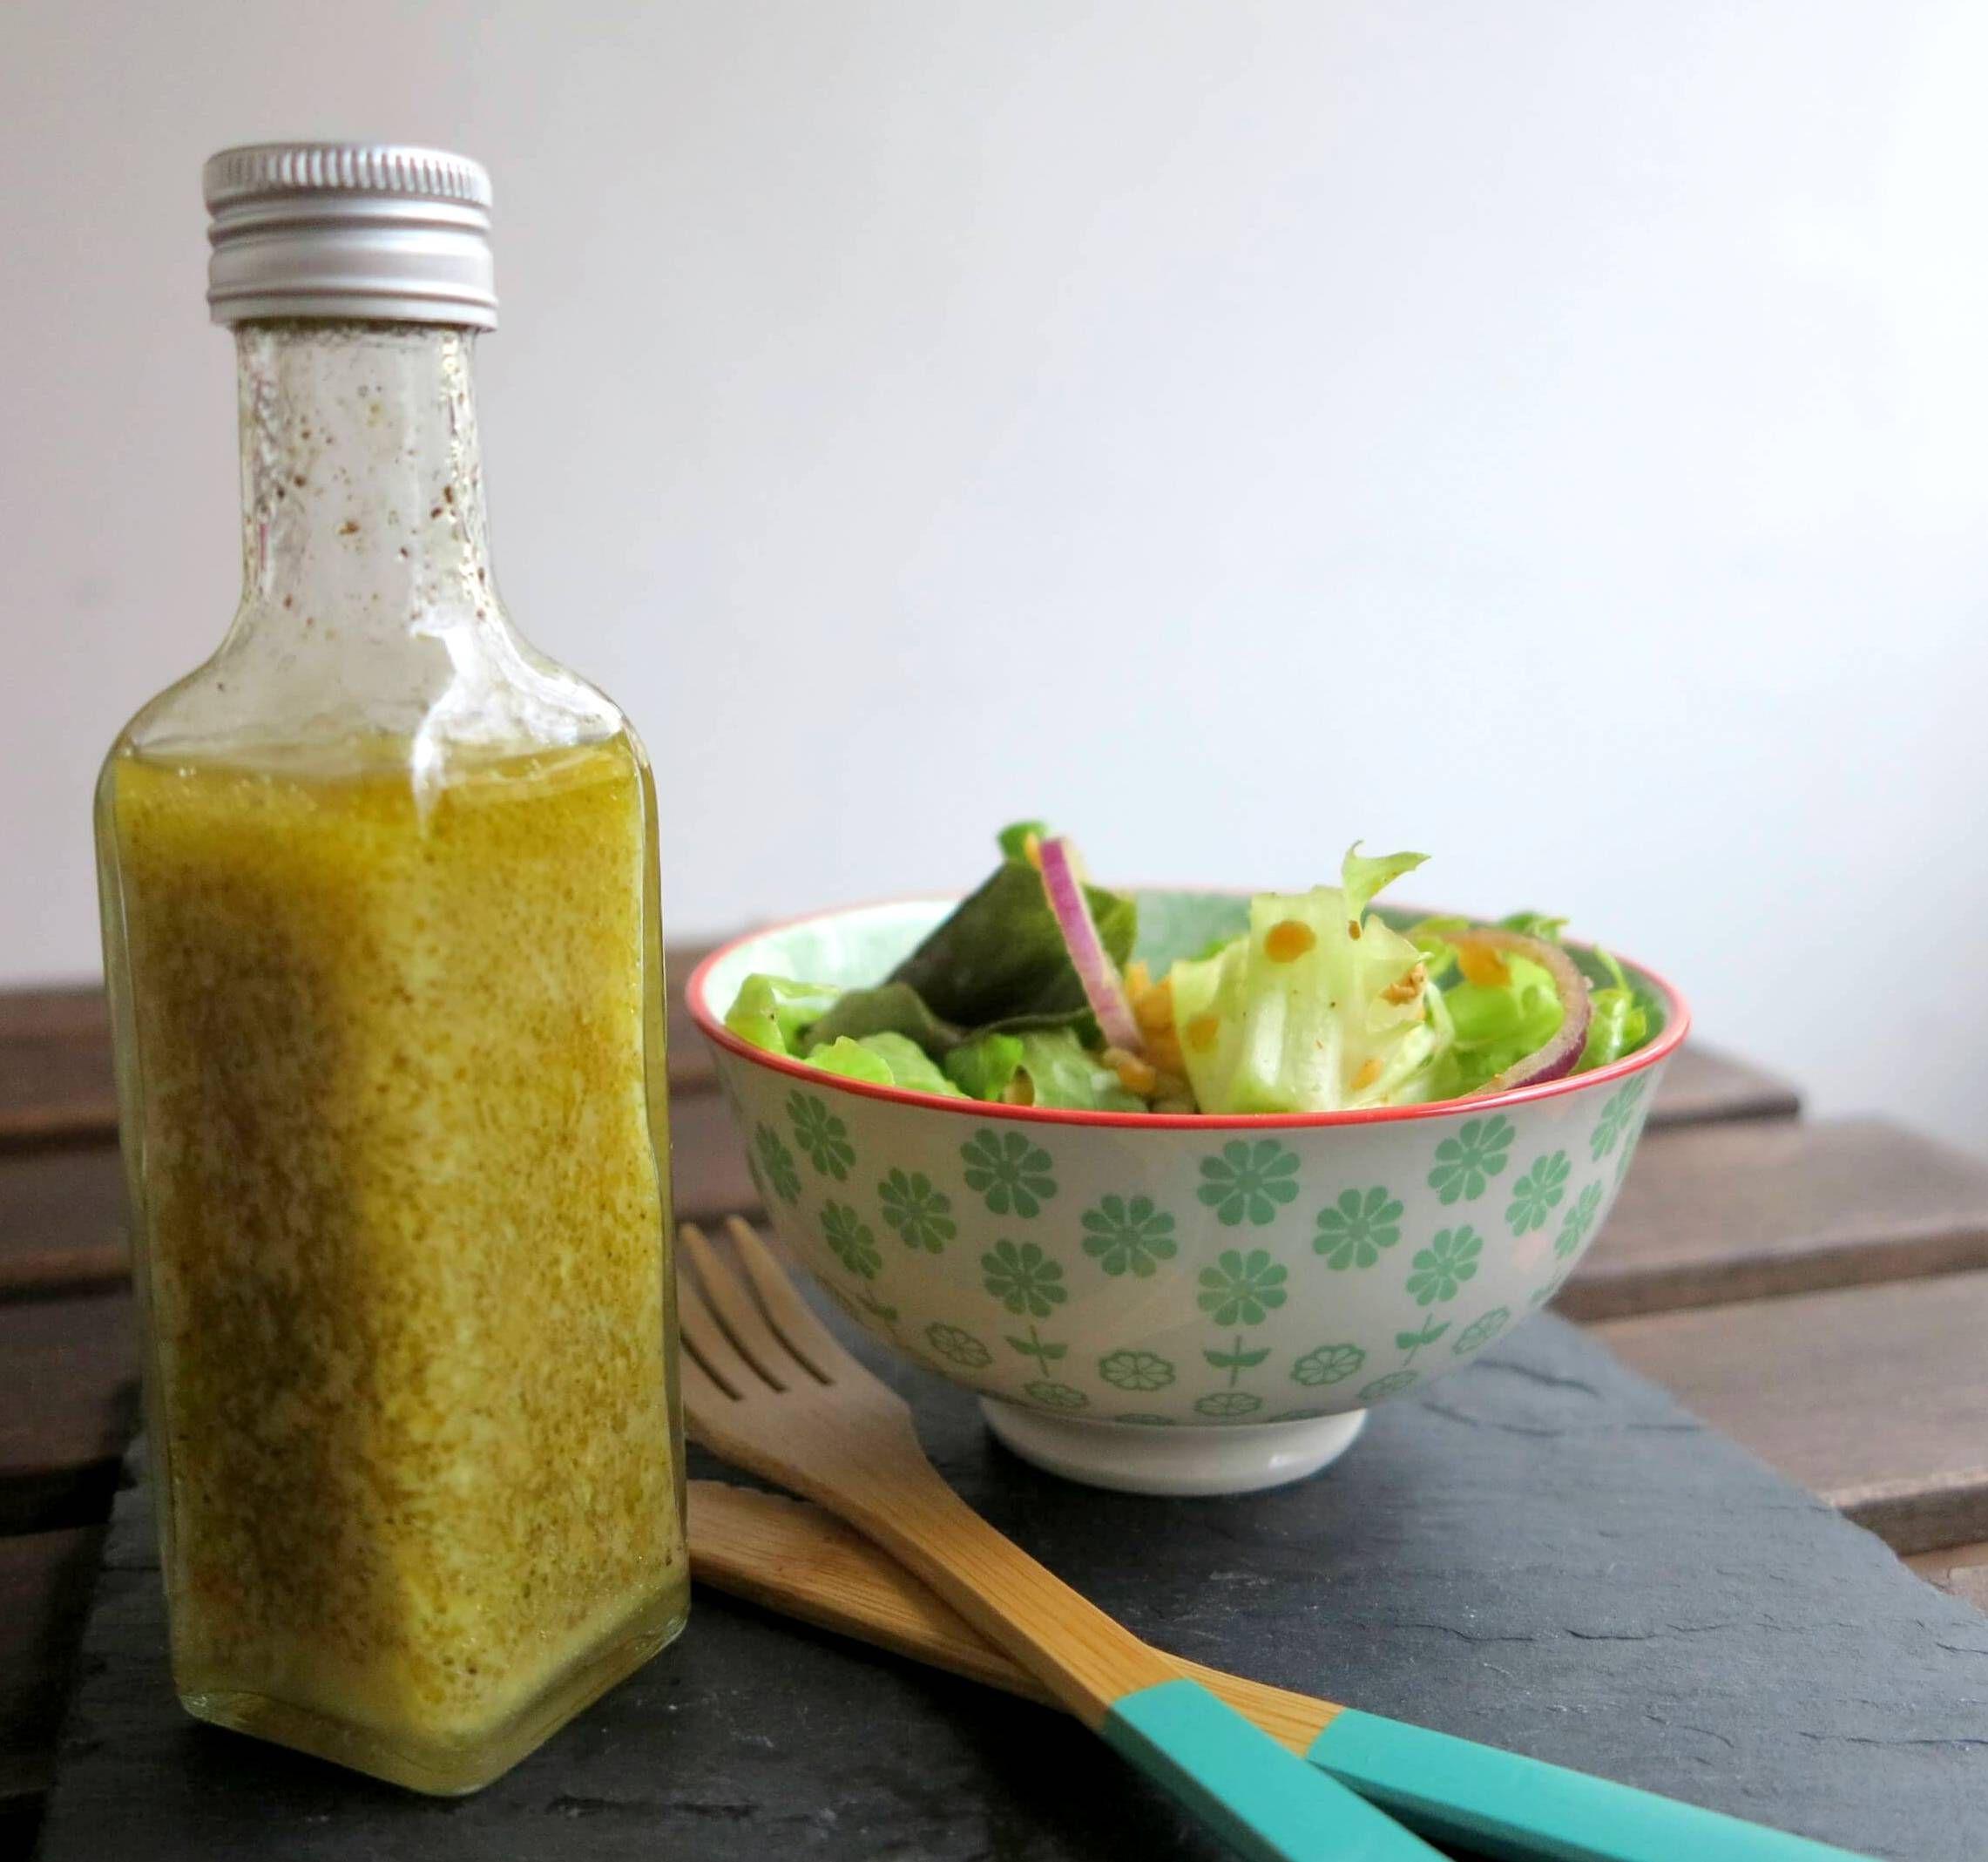 Honig Senf Dressing Rezept Dressing Vinaigrette Salad Dressing